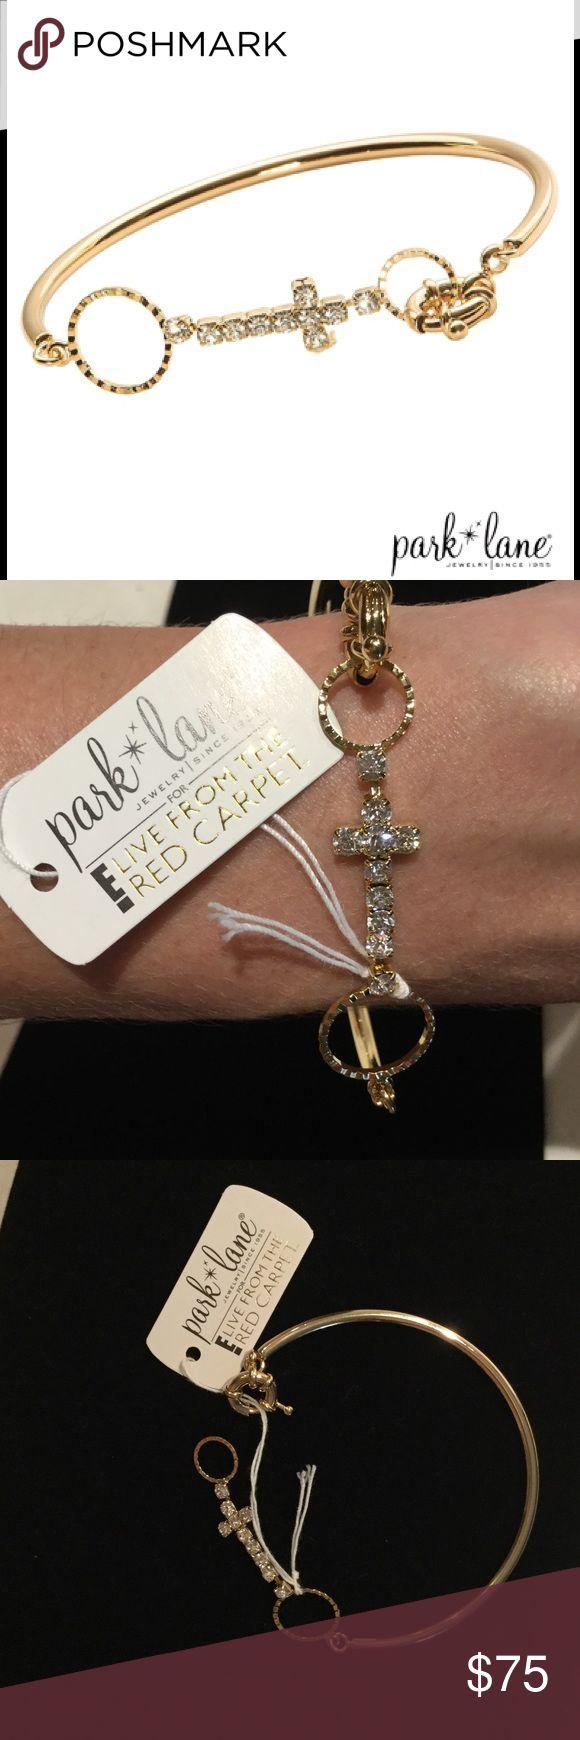 {Park Lane} Gold/CZ Cross Bangle/Hook bracelet. NWT Park Lane Gold/CZ Cross Bangle/Hook bracelet. Park Lane Jewelry Bracelets